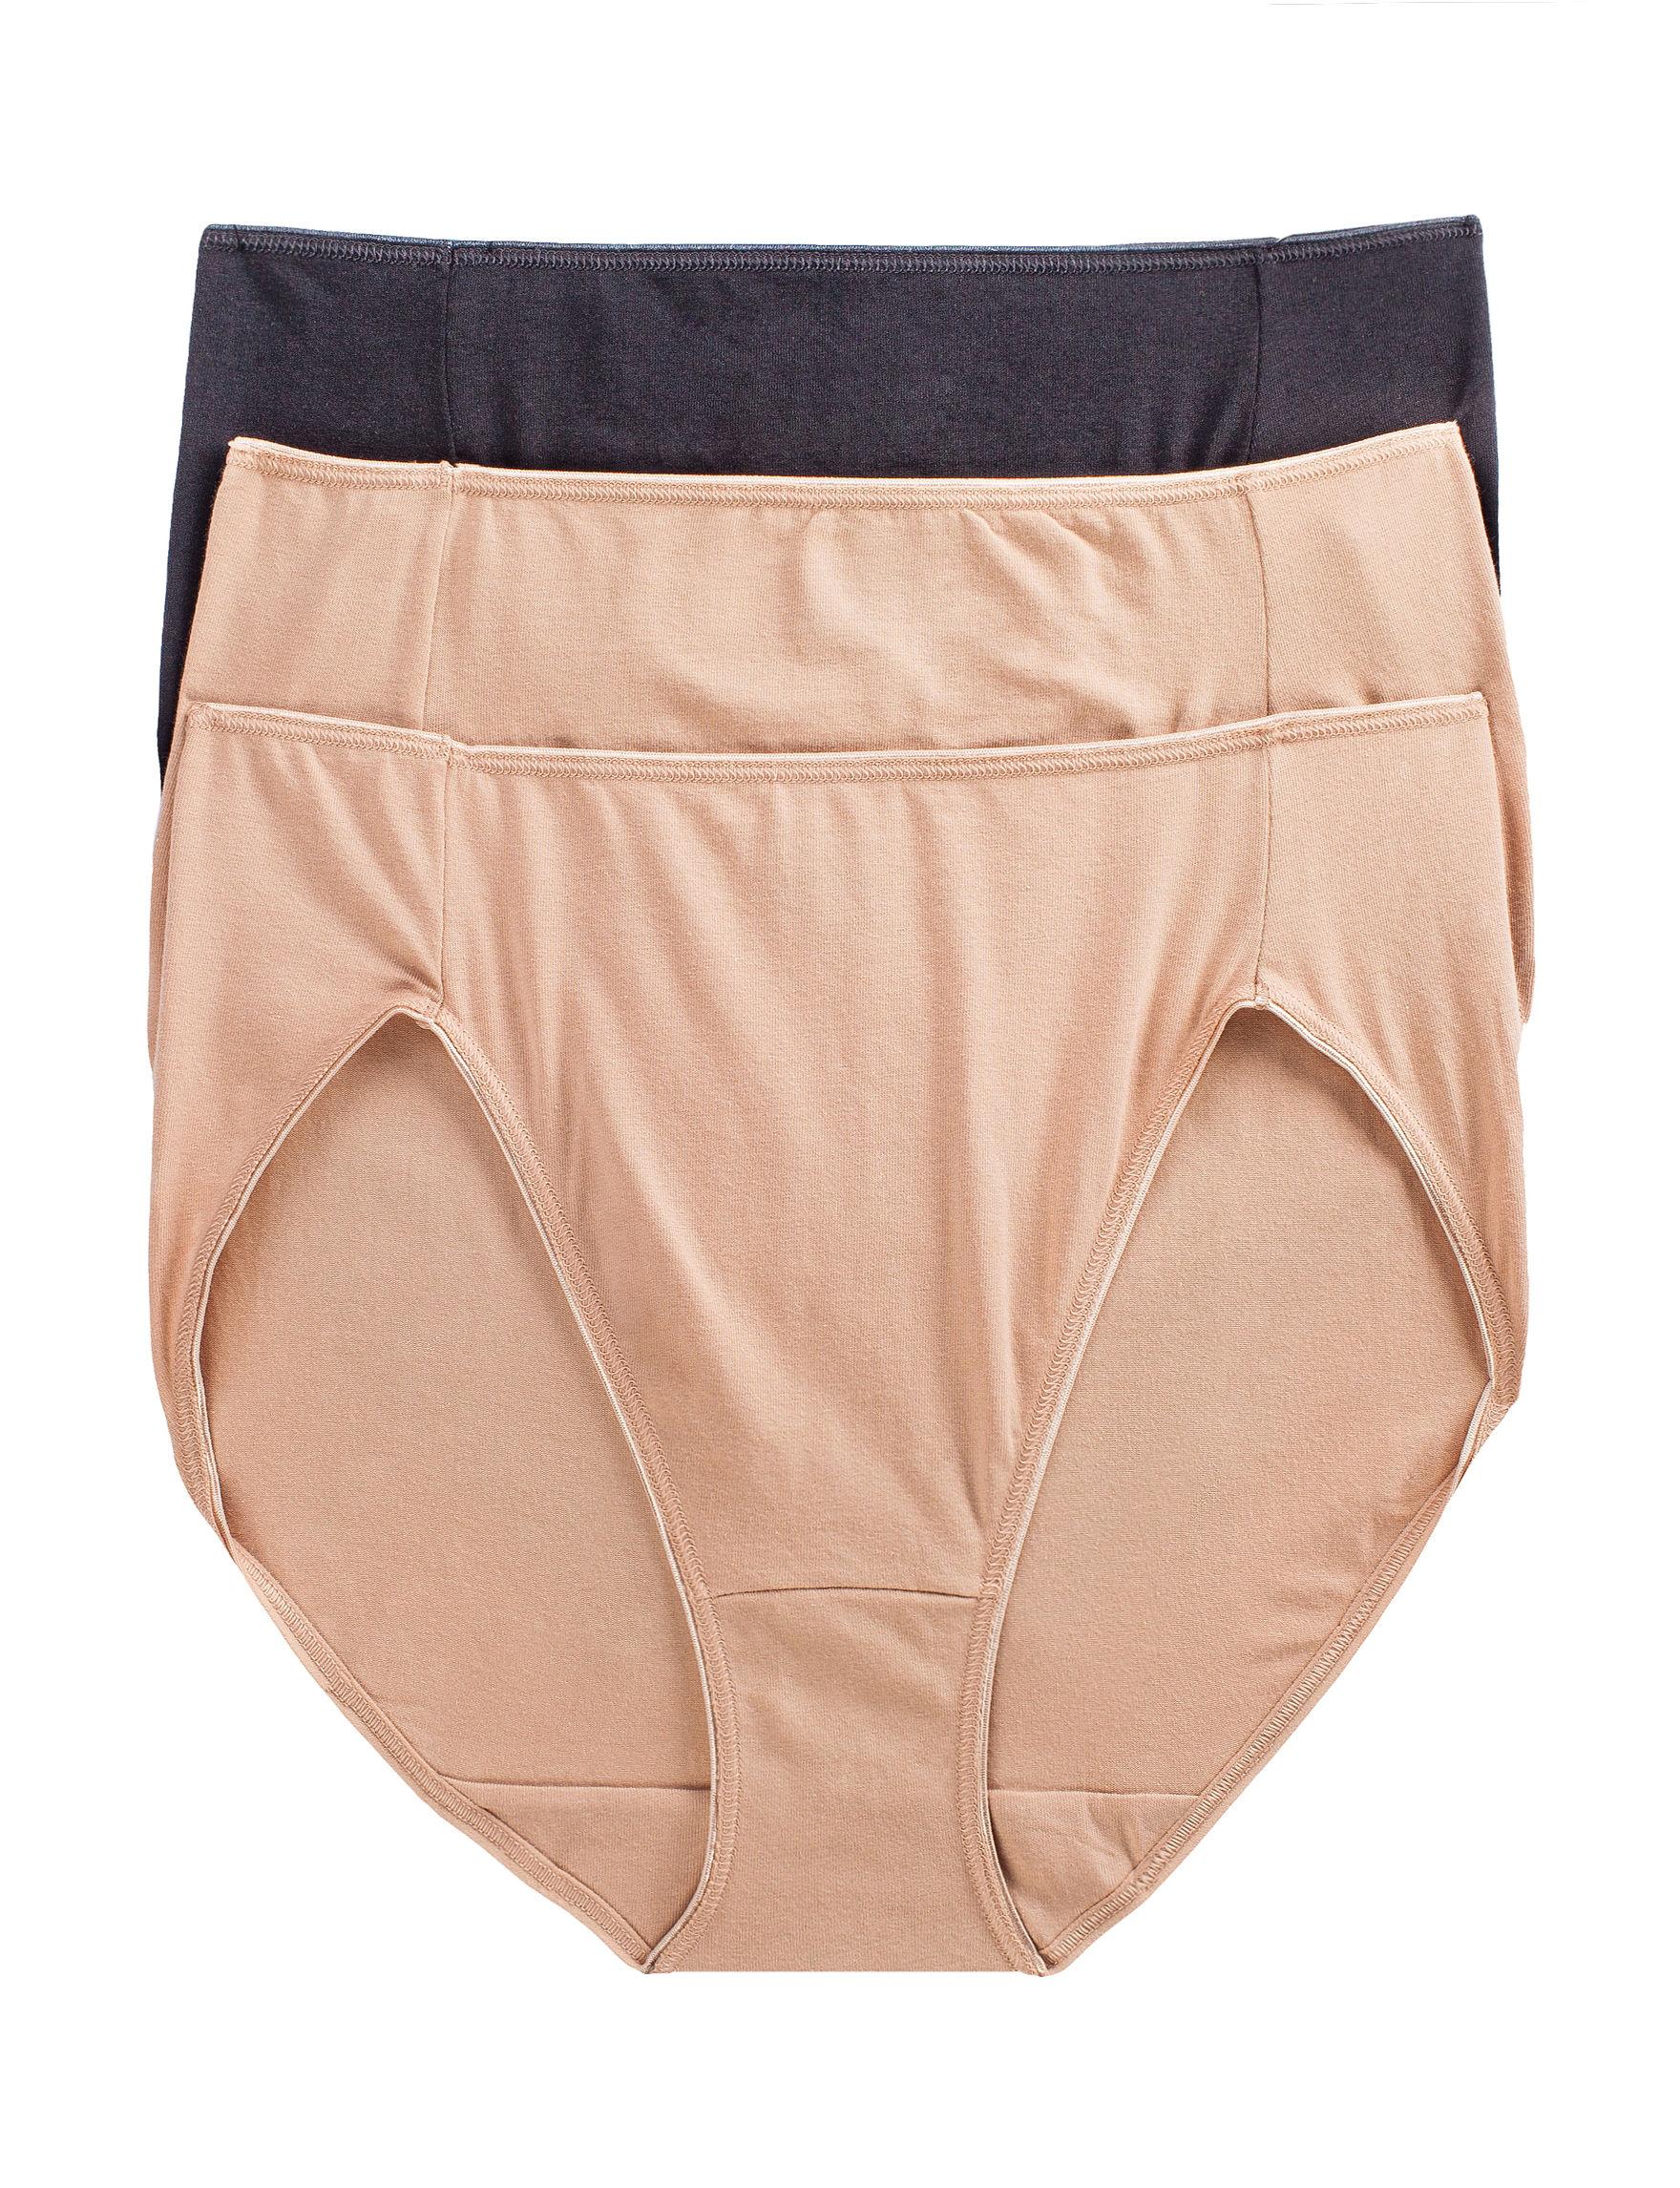 Jockey Tan Multi Panties High Cut